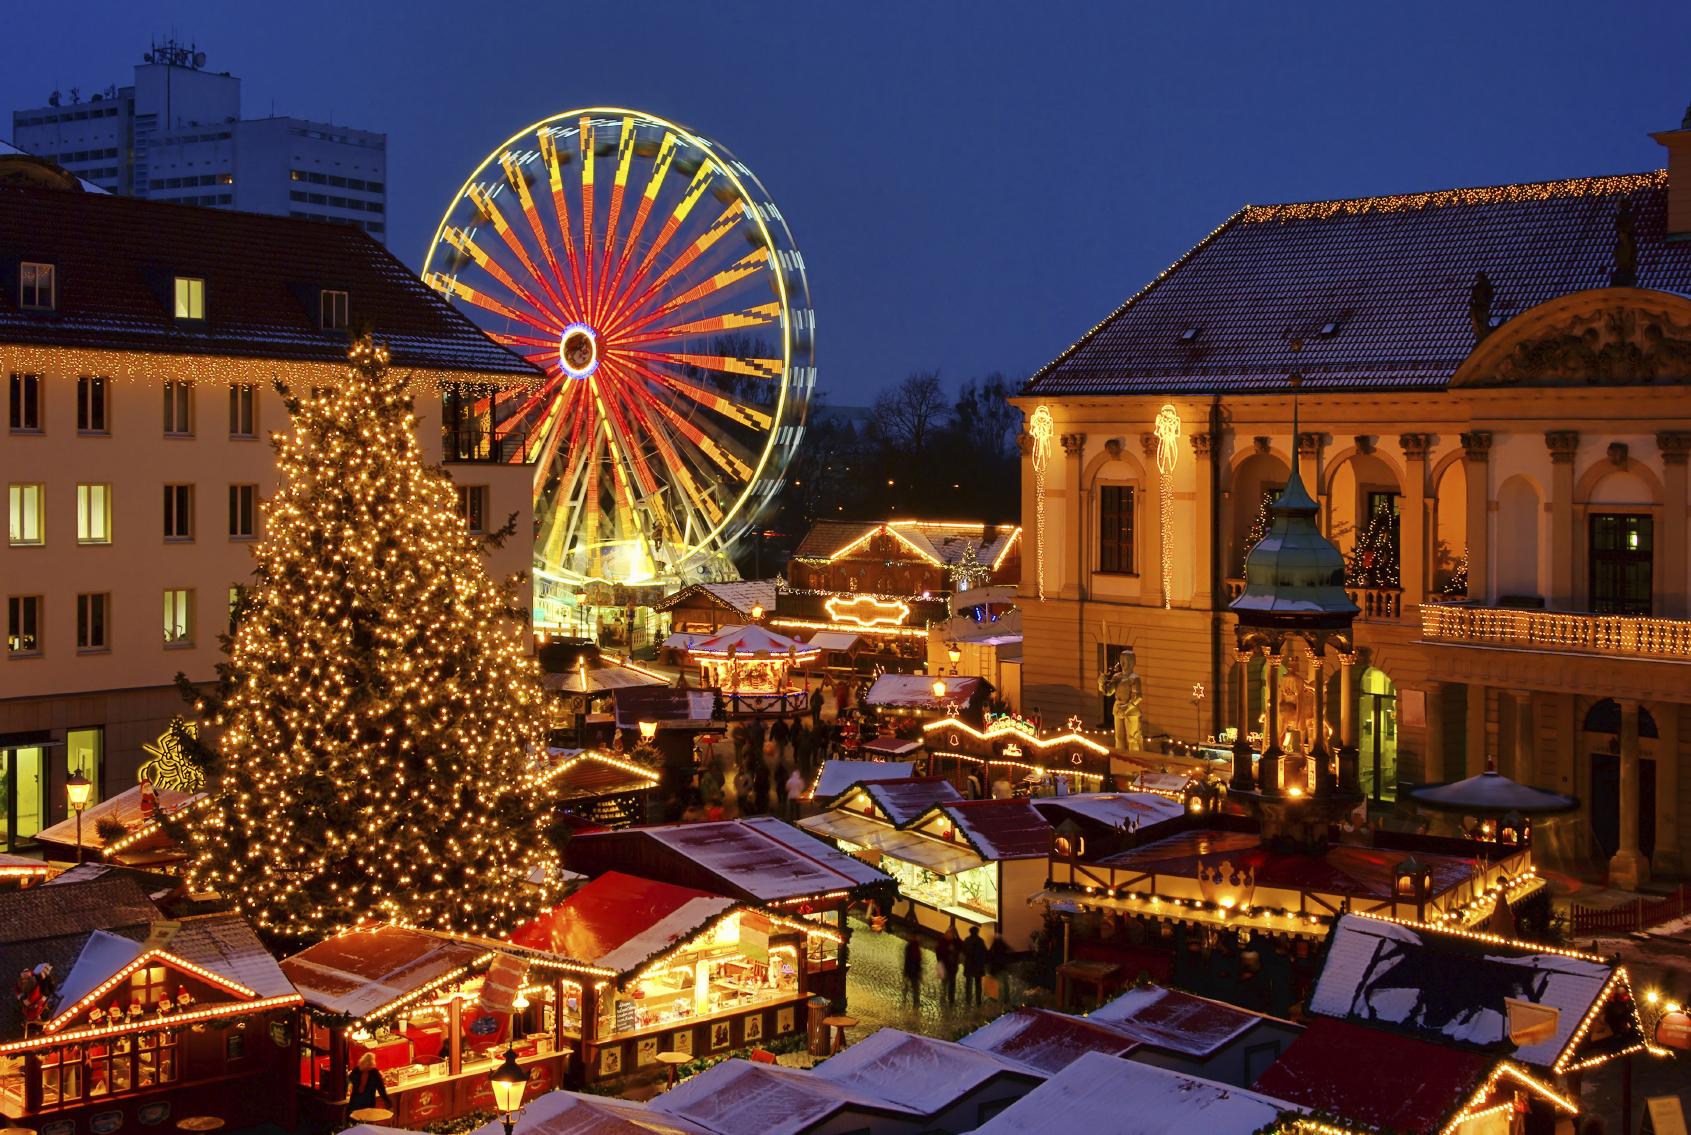 Weihnachtsmarkt L.Magdeburg Weihnachtsmarkt Magdeburg Christmas Market 01 Pasaulio